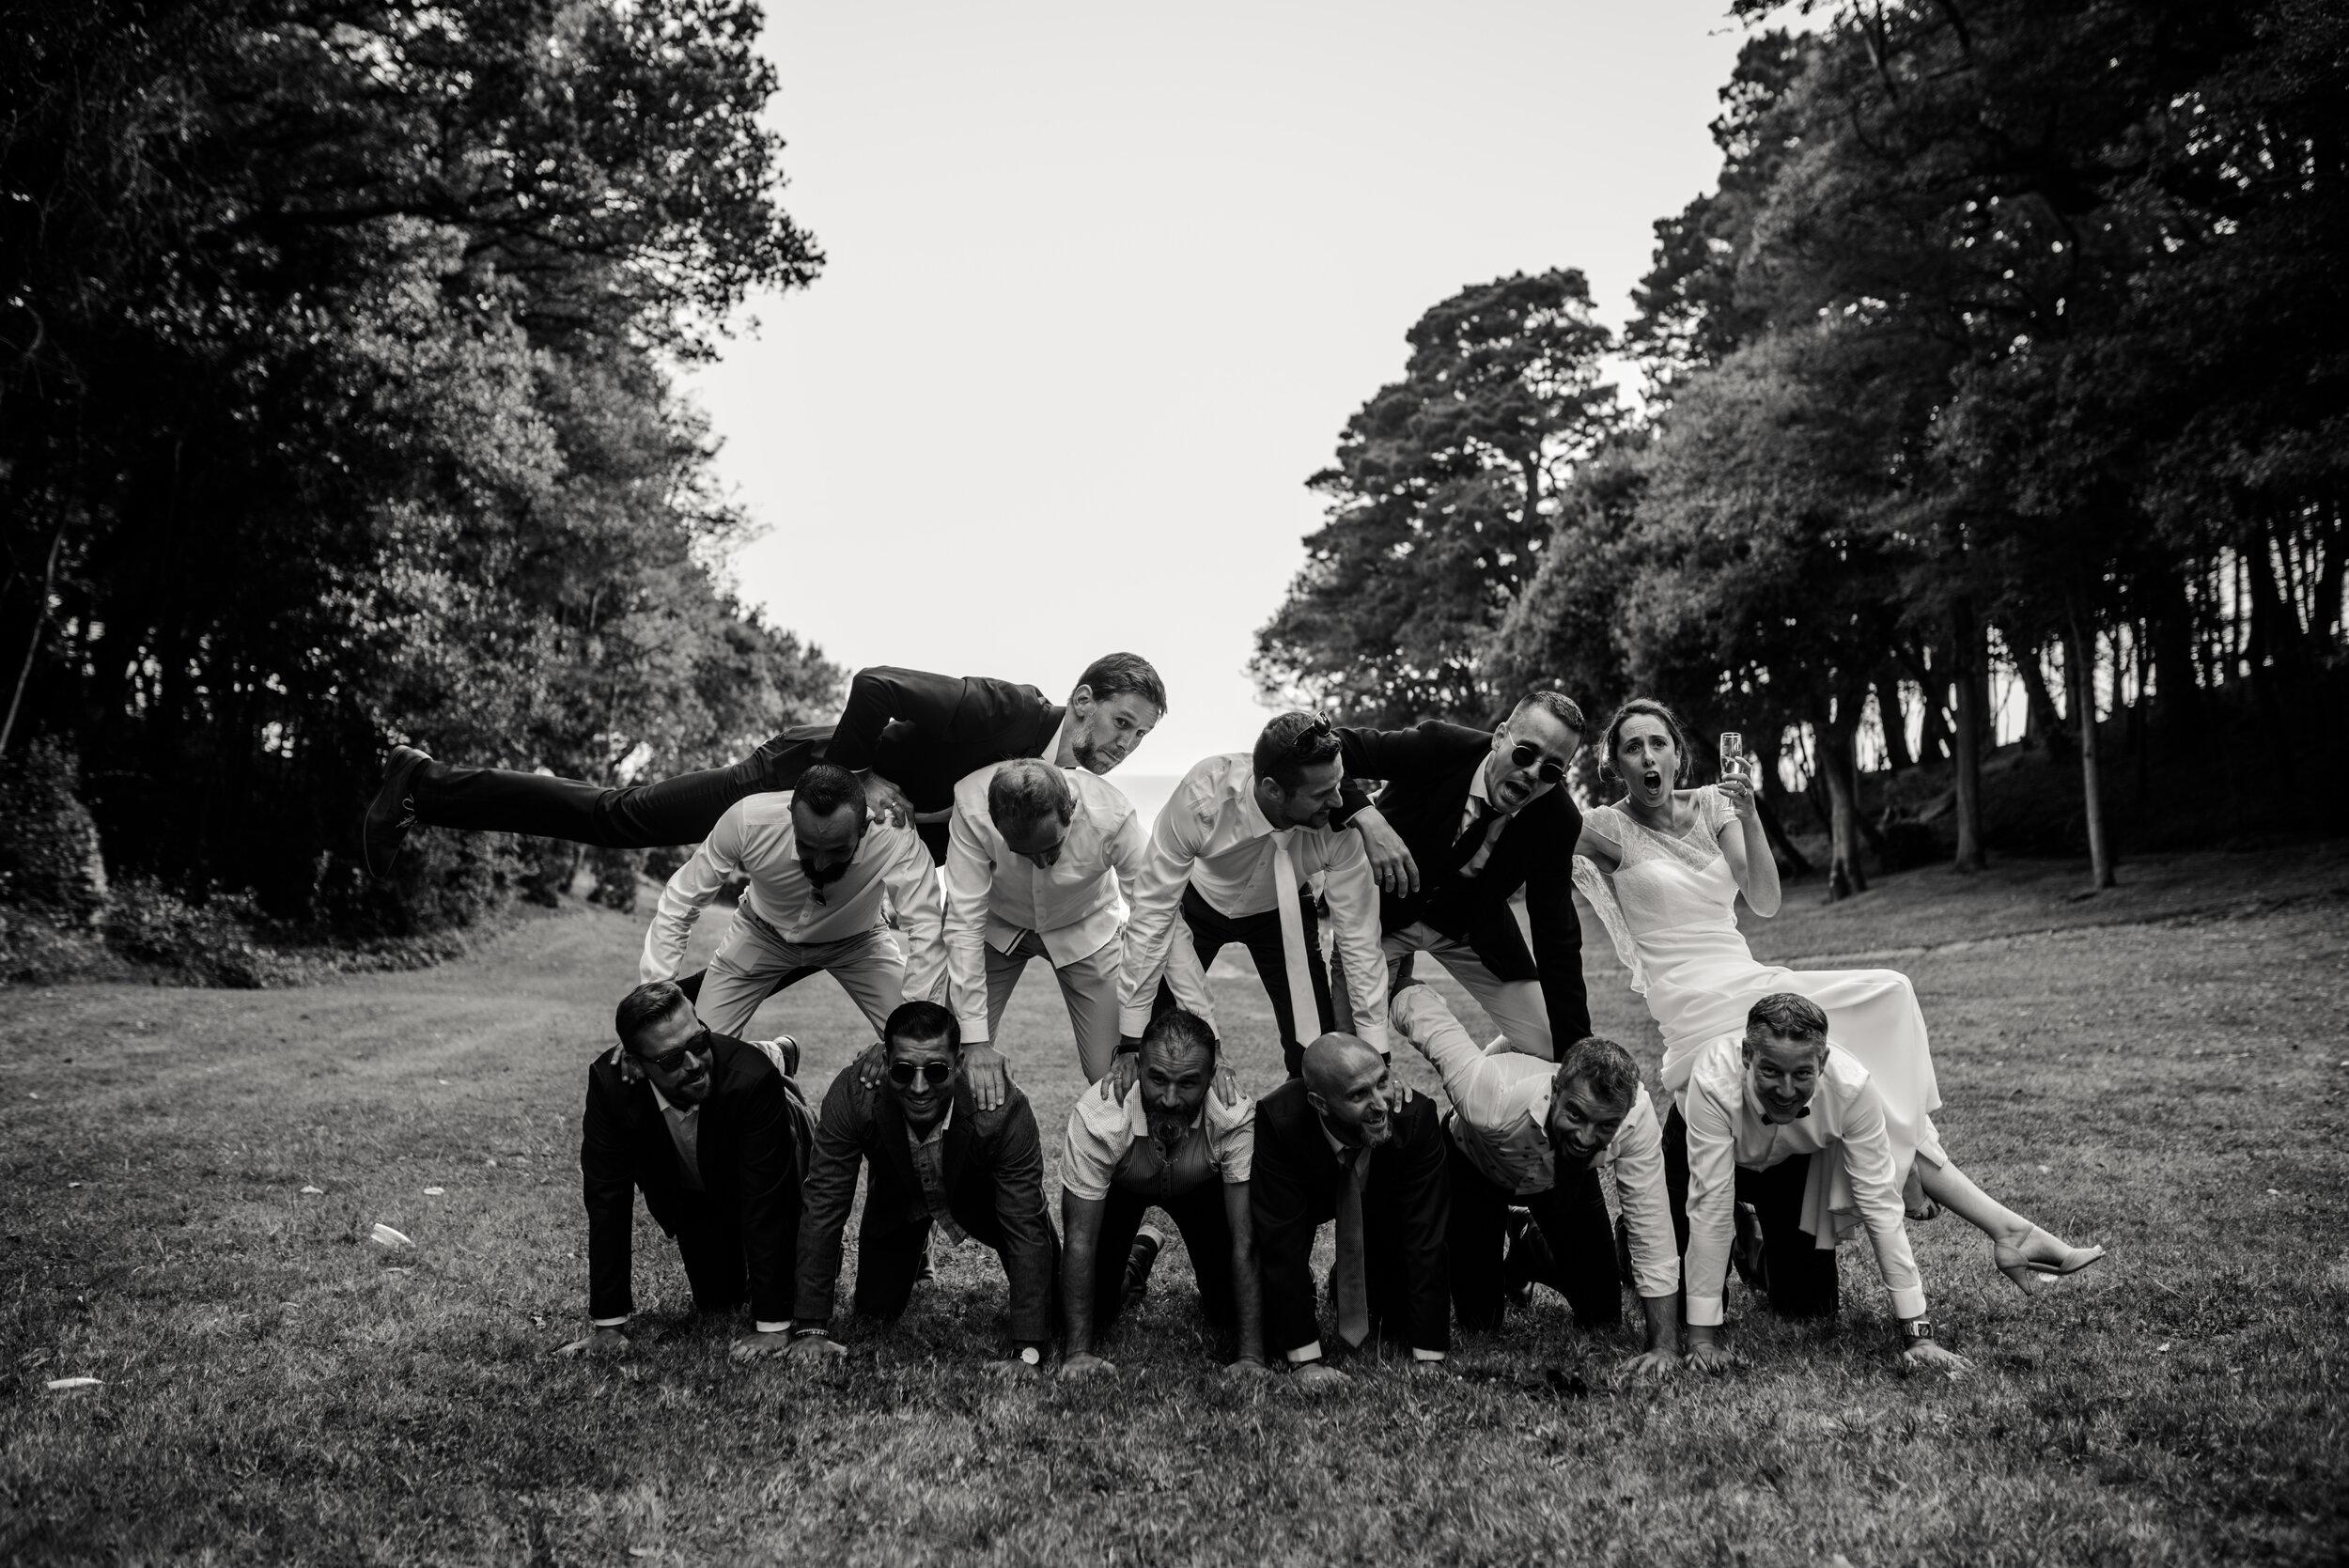 Léa-Fery-photographe-professionnel-Bretagne-portrait-creation-mariage-evenement-evenementiel-famille-7389.jpg